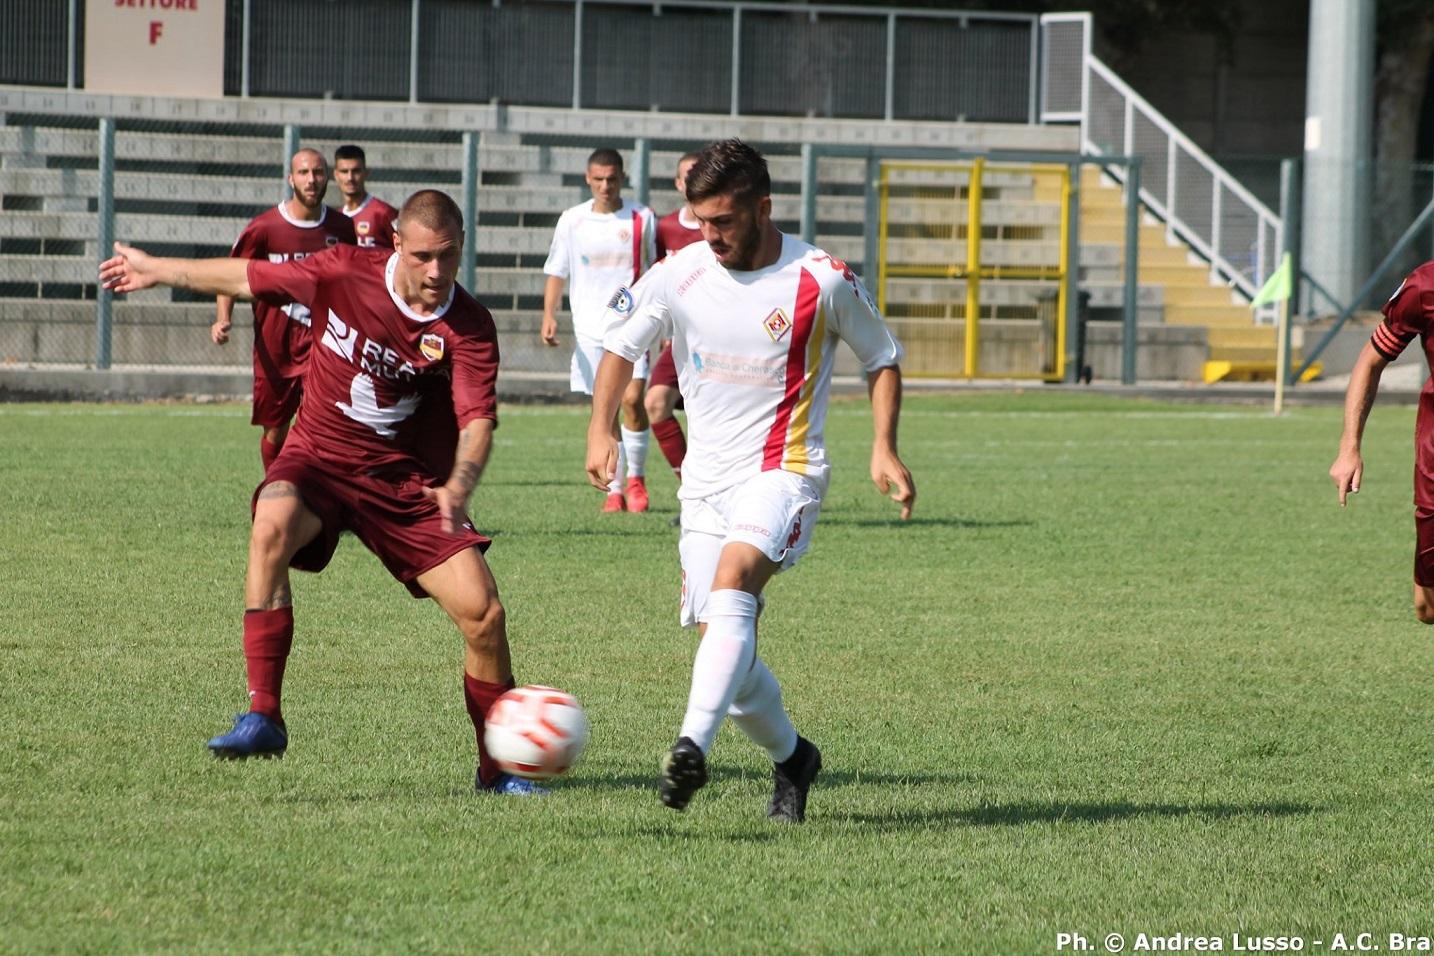 Sport Calcio Serie A Calendario Risultati E Classifica.Serie D Live I Risultati Finali Della Seconda Giornata E La